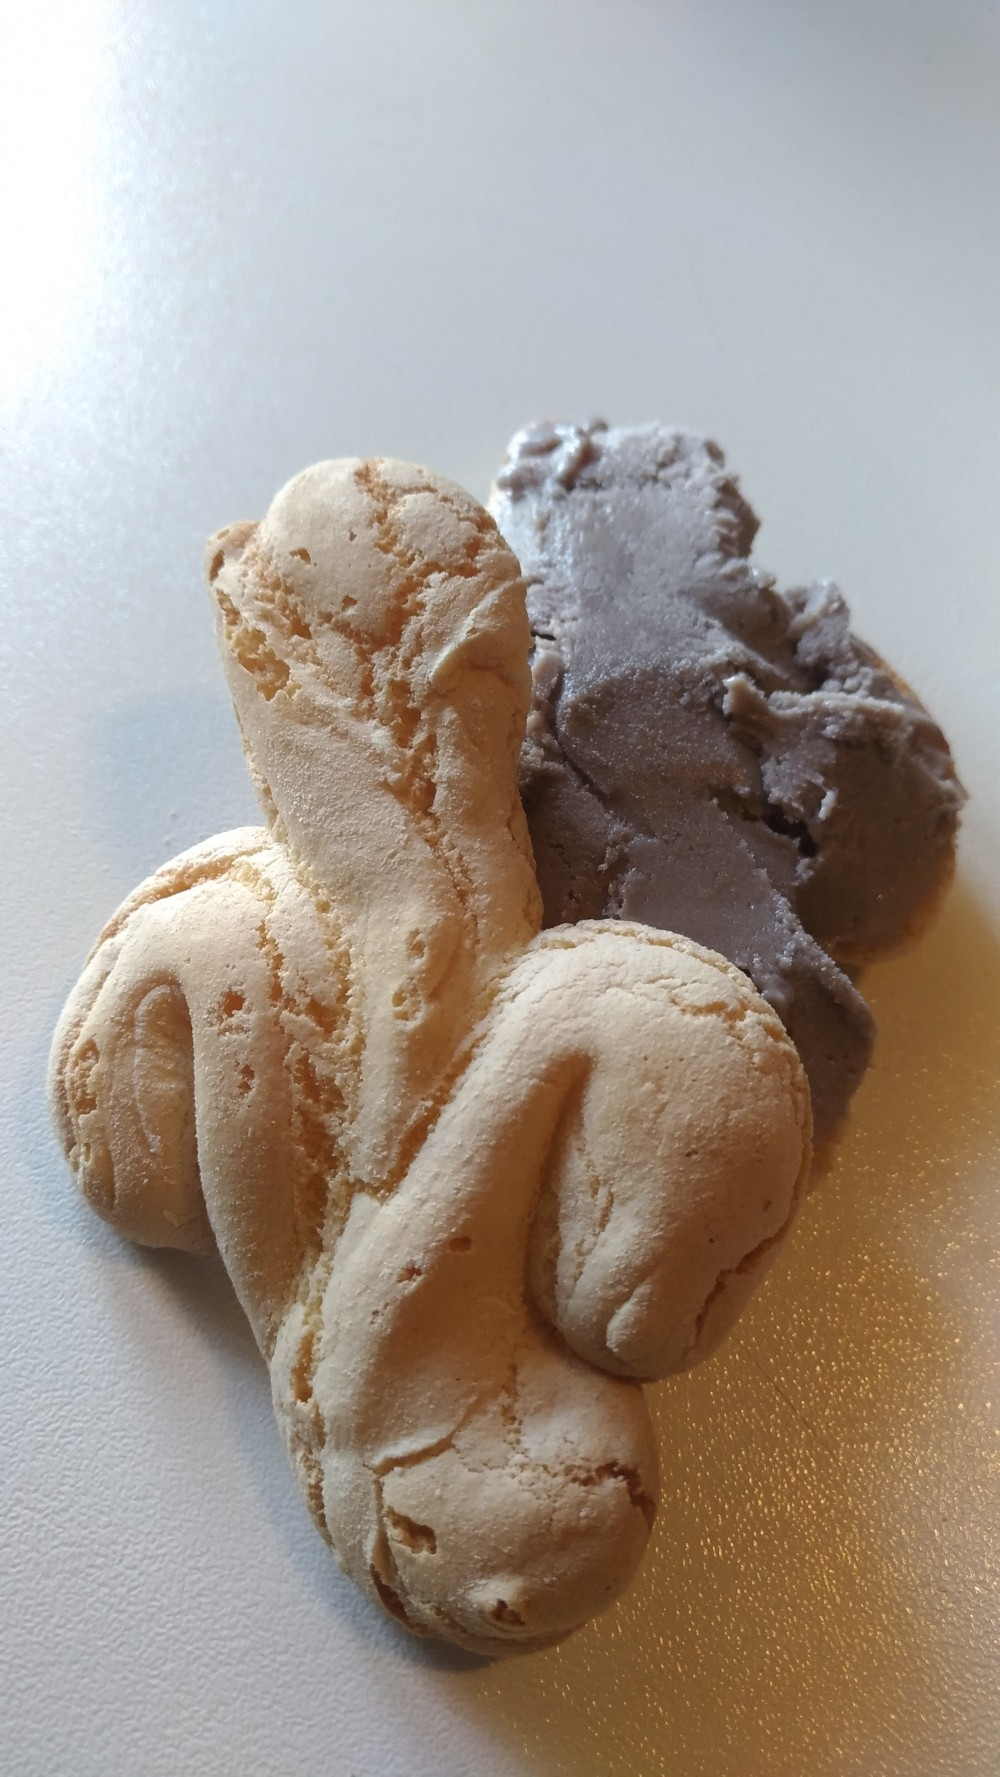 Greed Avidi di Gelato - Gelato di crema al passito Cesanese sul Giglietto